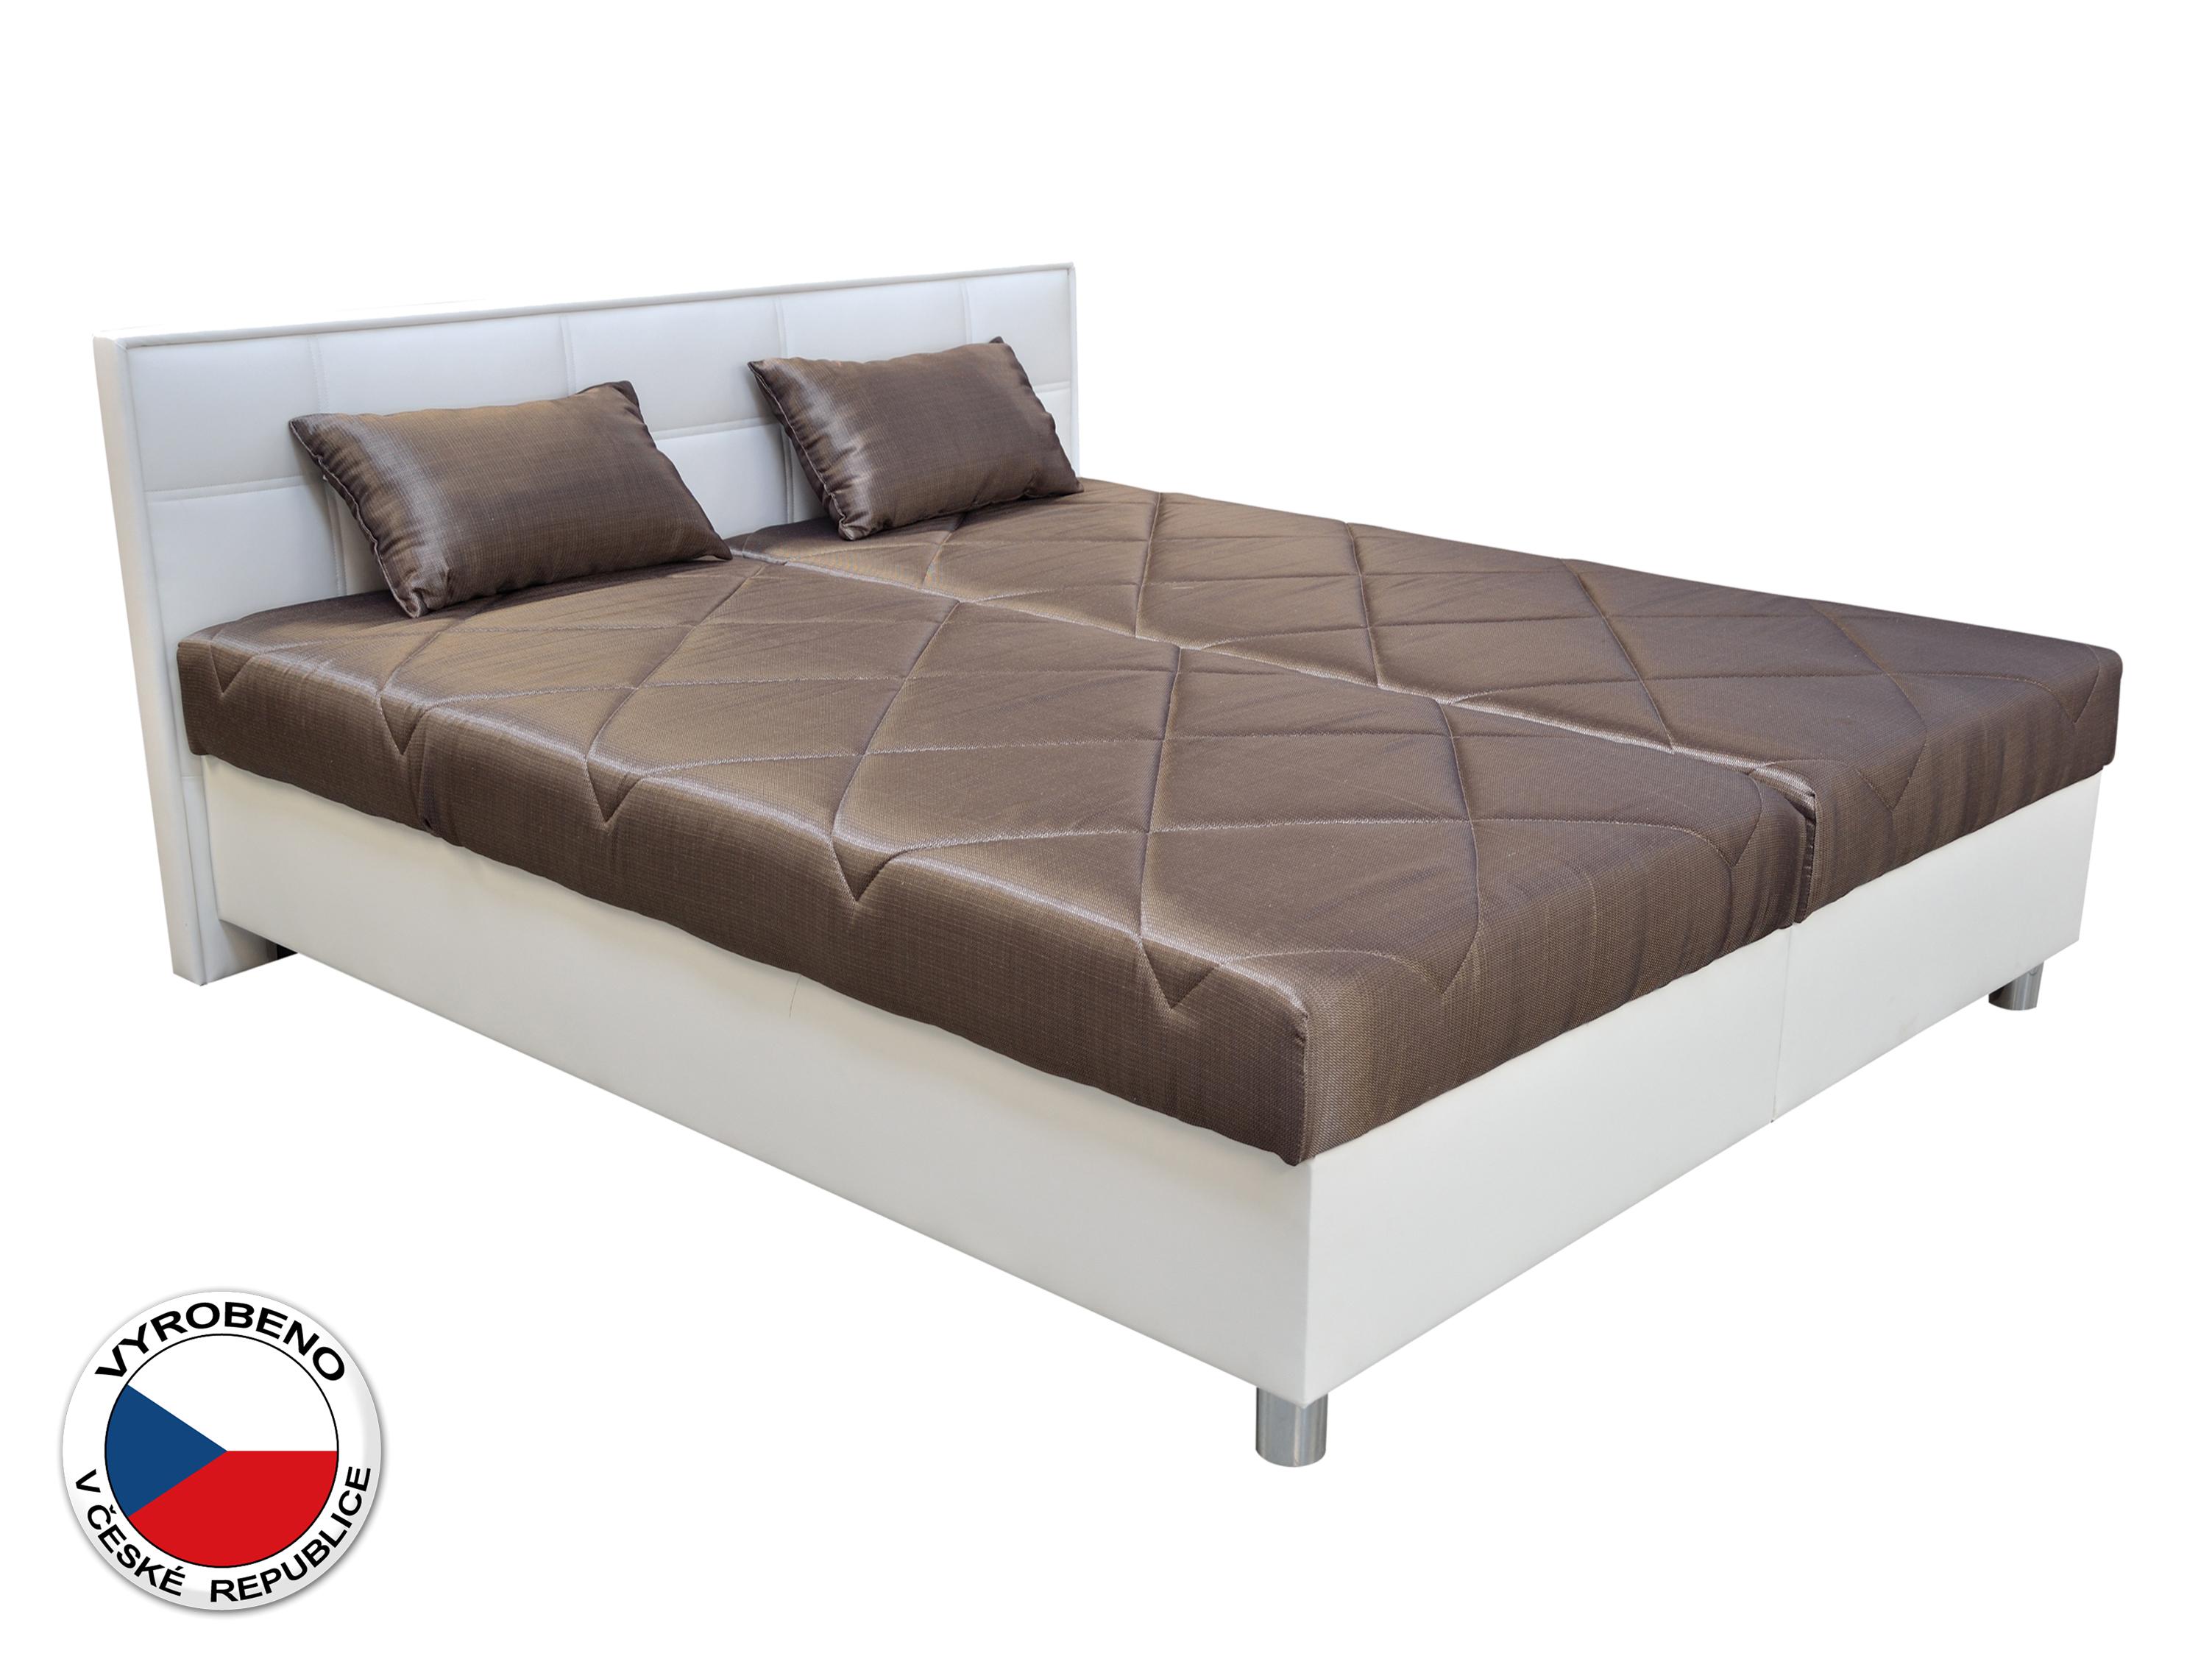 Manželská postel 160 cm - Blanář - Belfast (hnědá + bílá) (s rošty a matracemi)